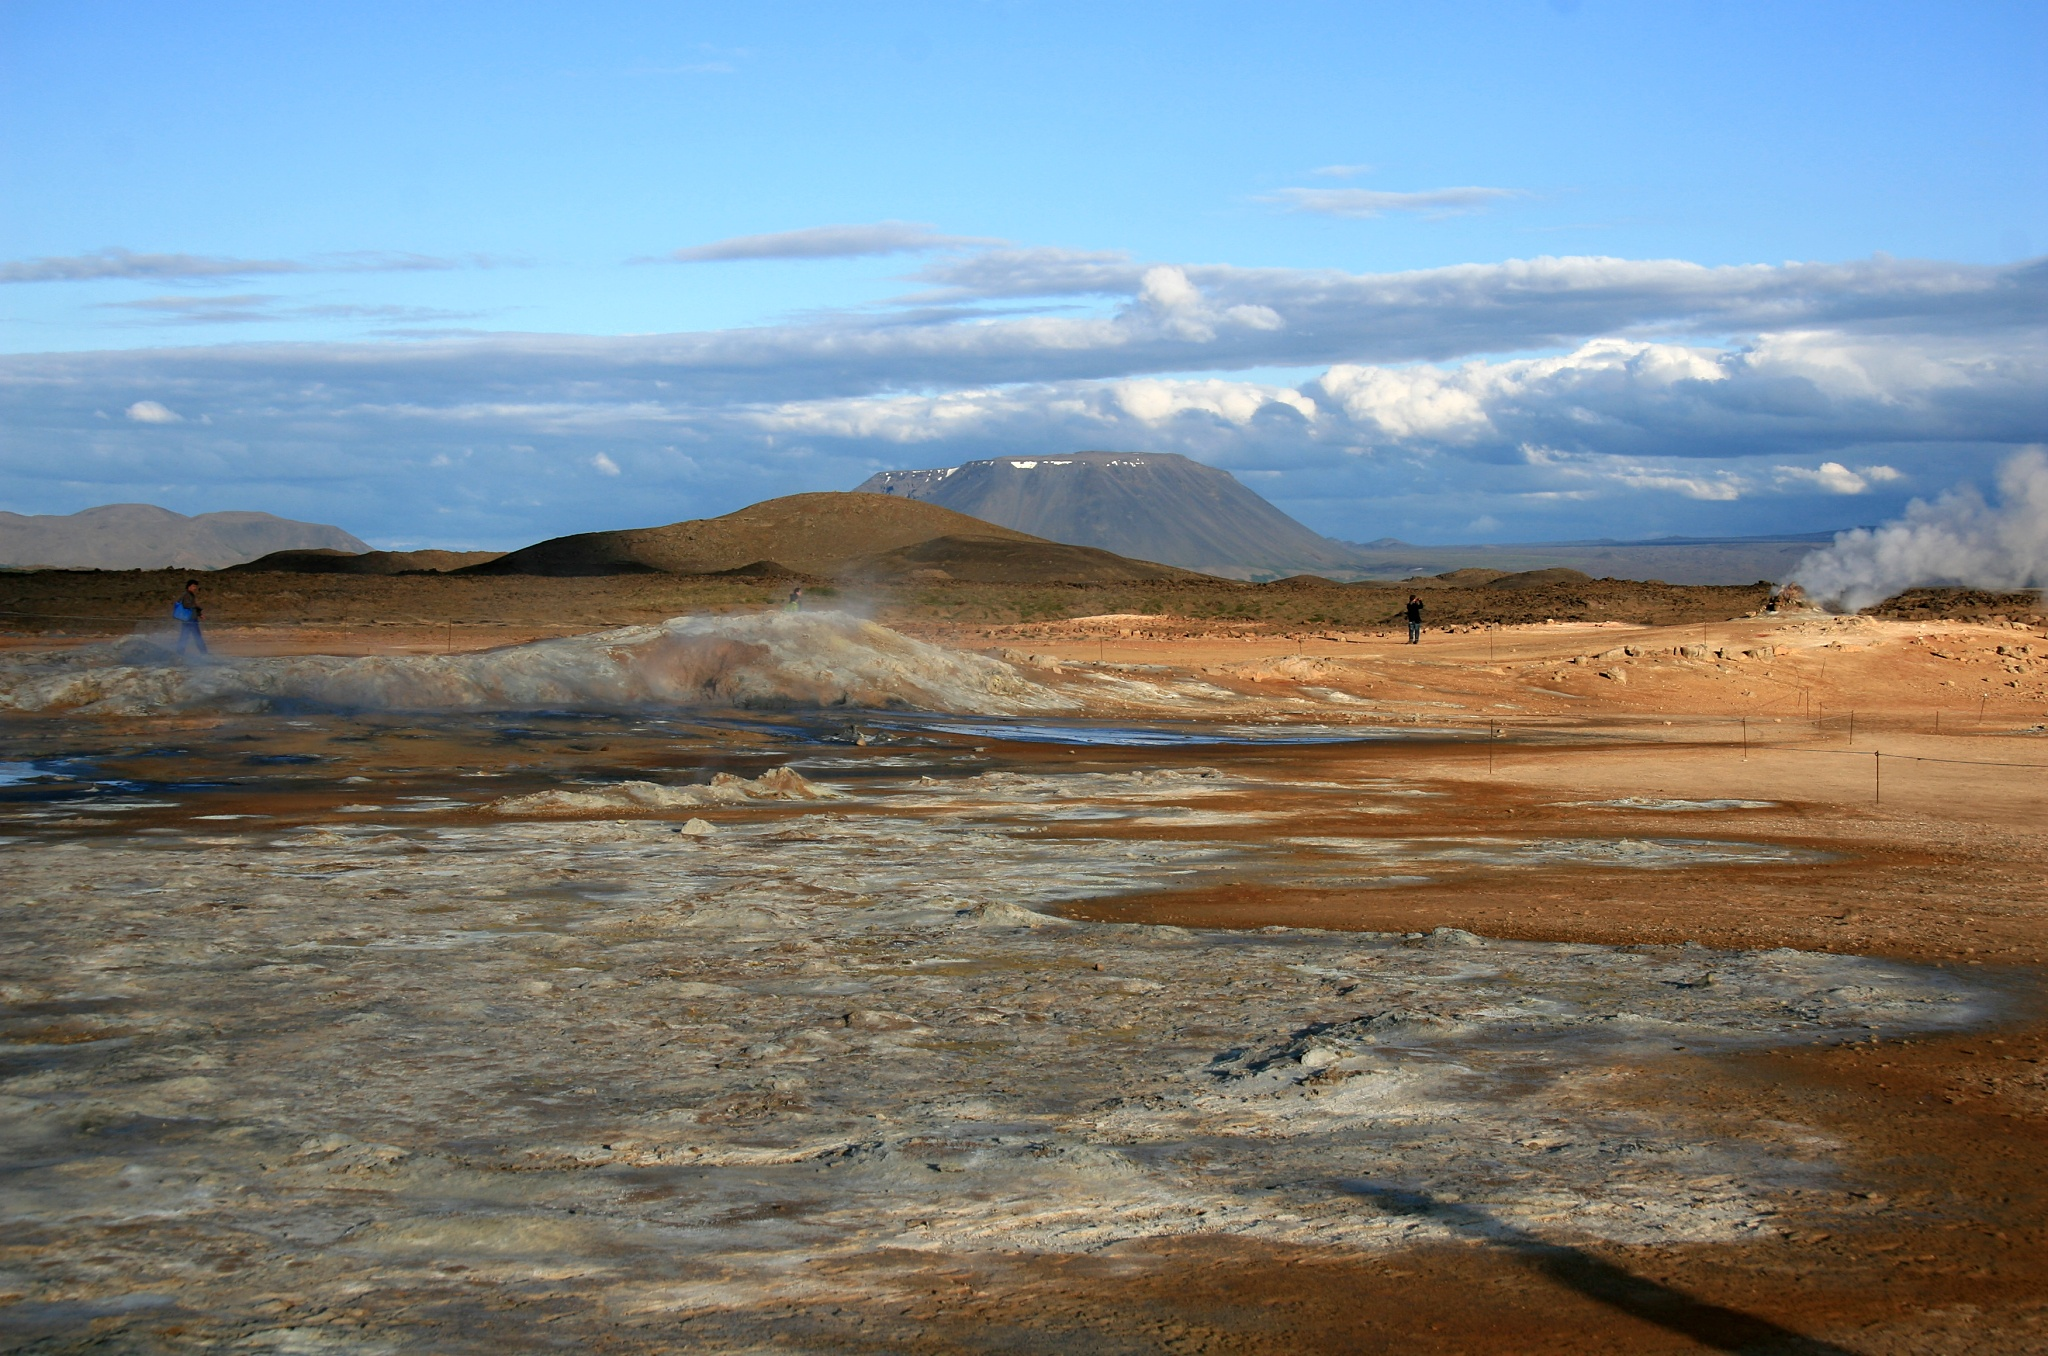 Různobarevné pole Námafjall Hverir, v pozadí hora Herðubreið